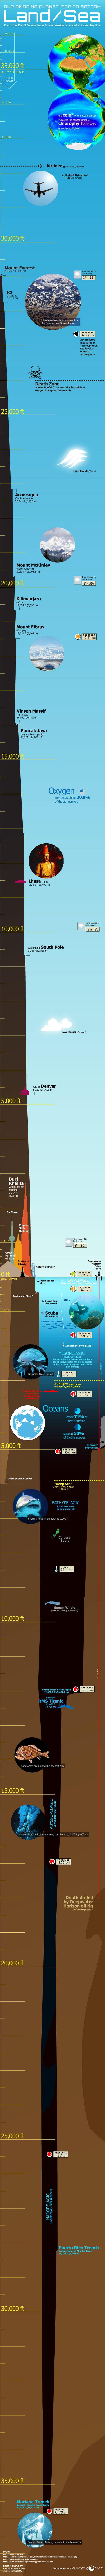 Magnífica infografía del pico más alto a la fosa más profunda